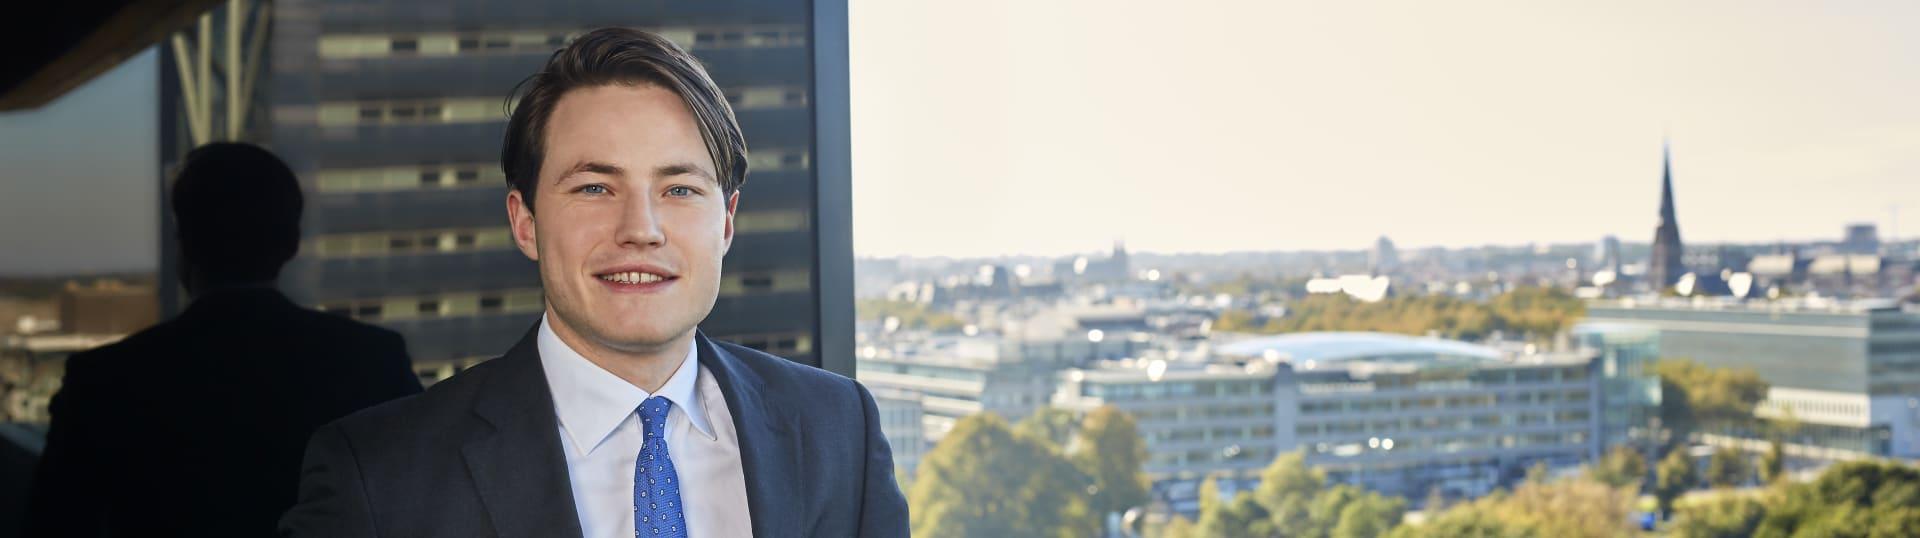 Julian Kramer, advocaat Pels Rijcken